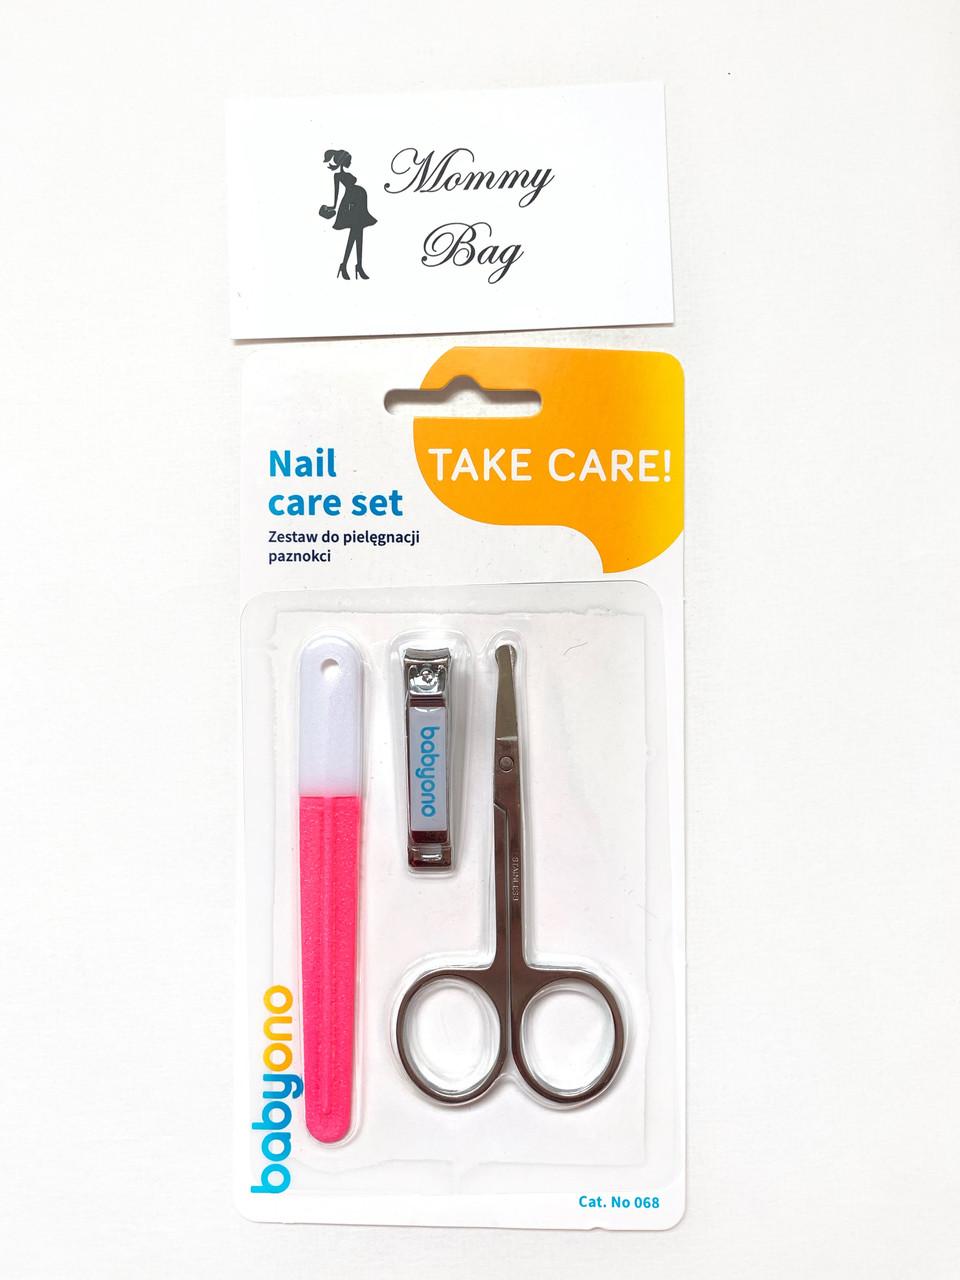 Маникюрный набор BabyOno Розовый (пилочка, ножницы, щипчики)